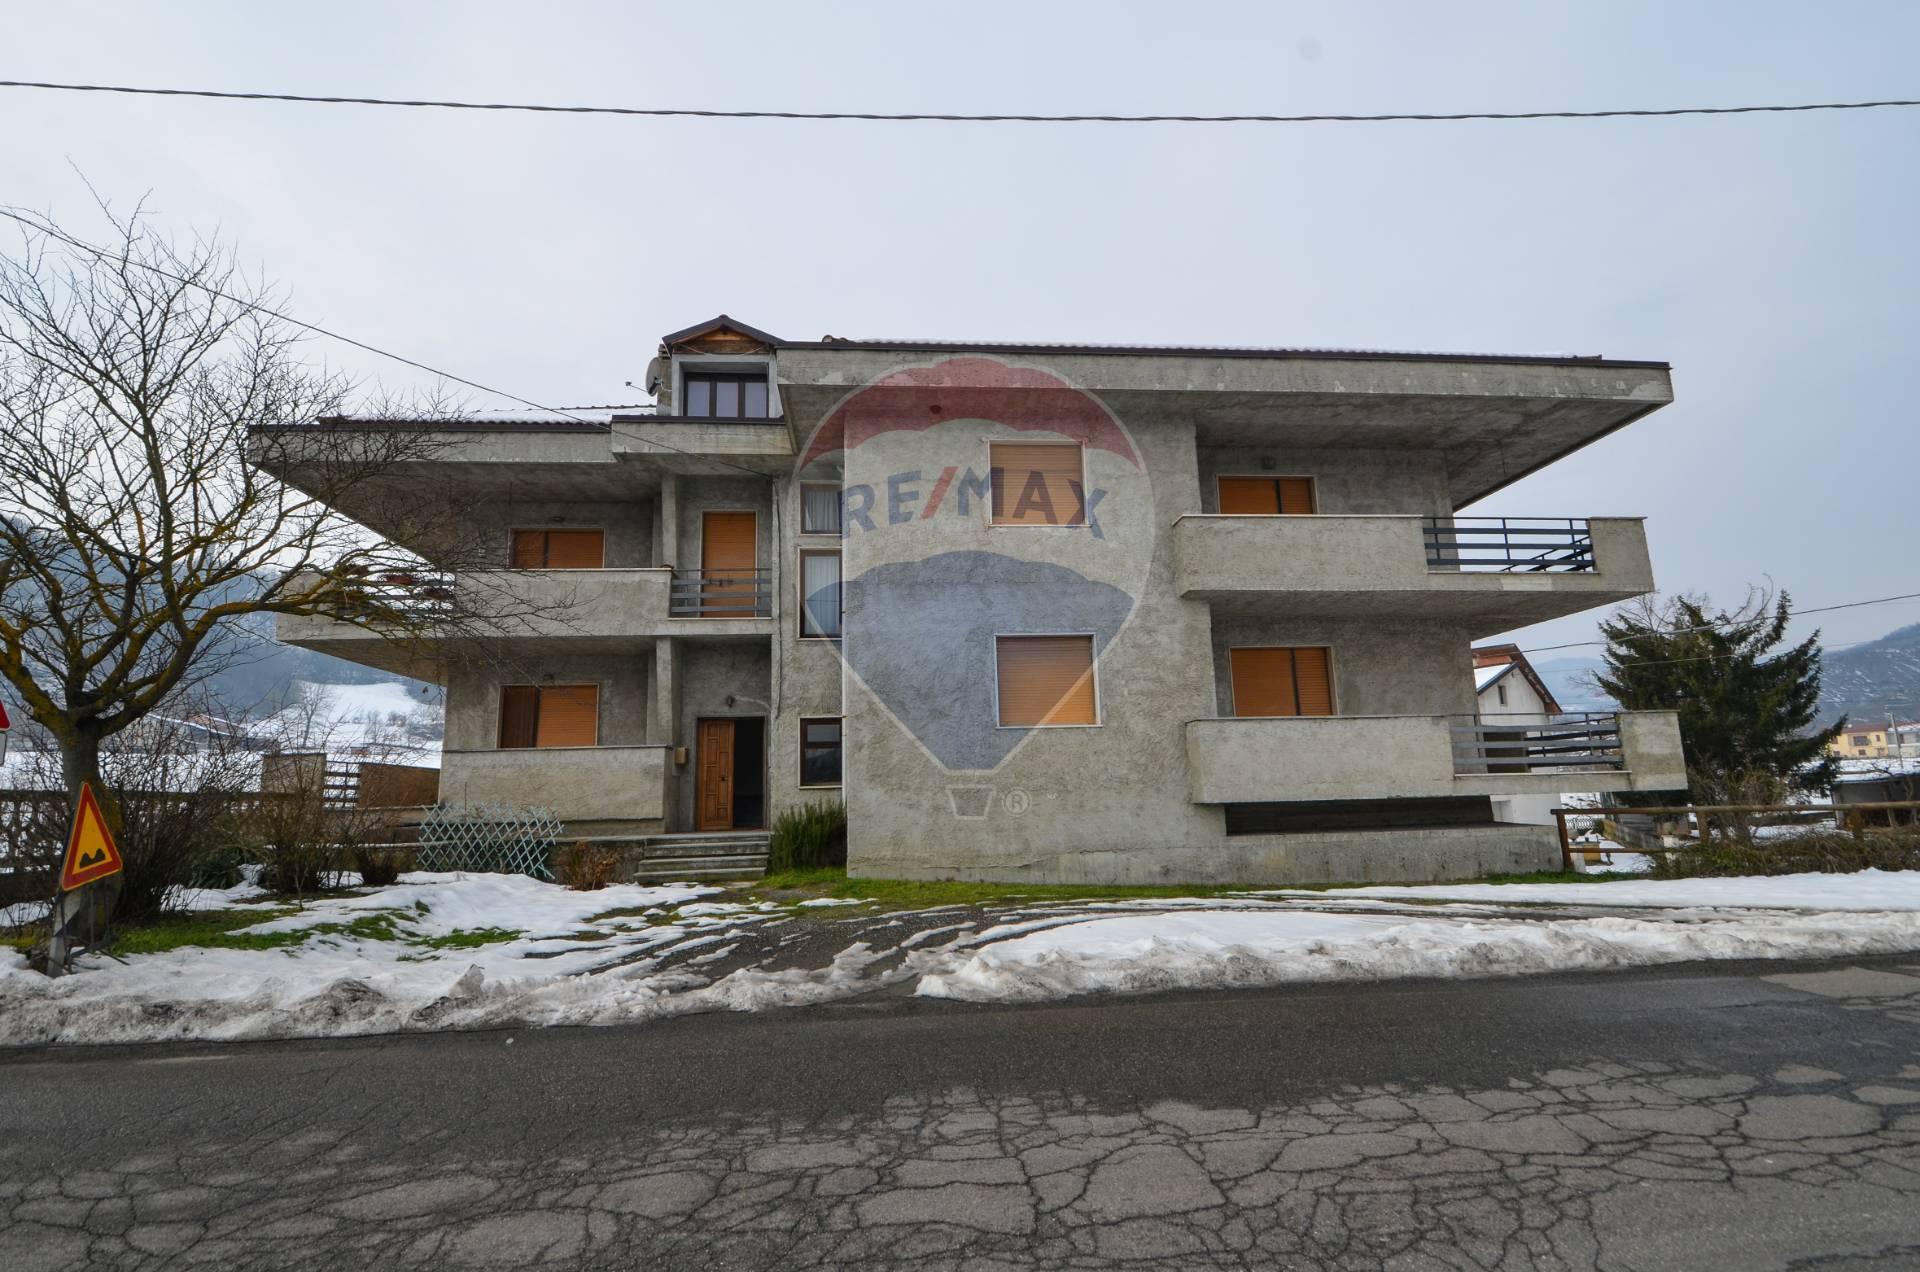 Appartamento in vendita a Merana, 6 locali, prezzo € 46.000   CambioCasa.it